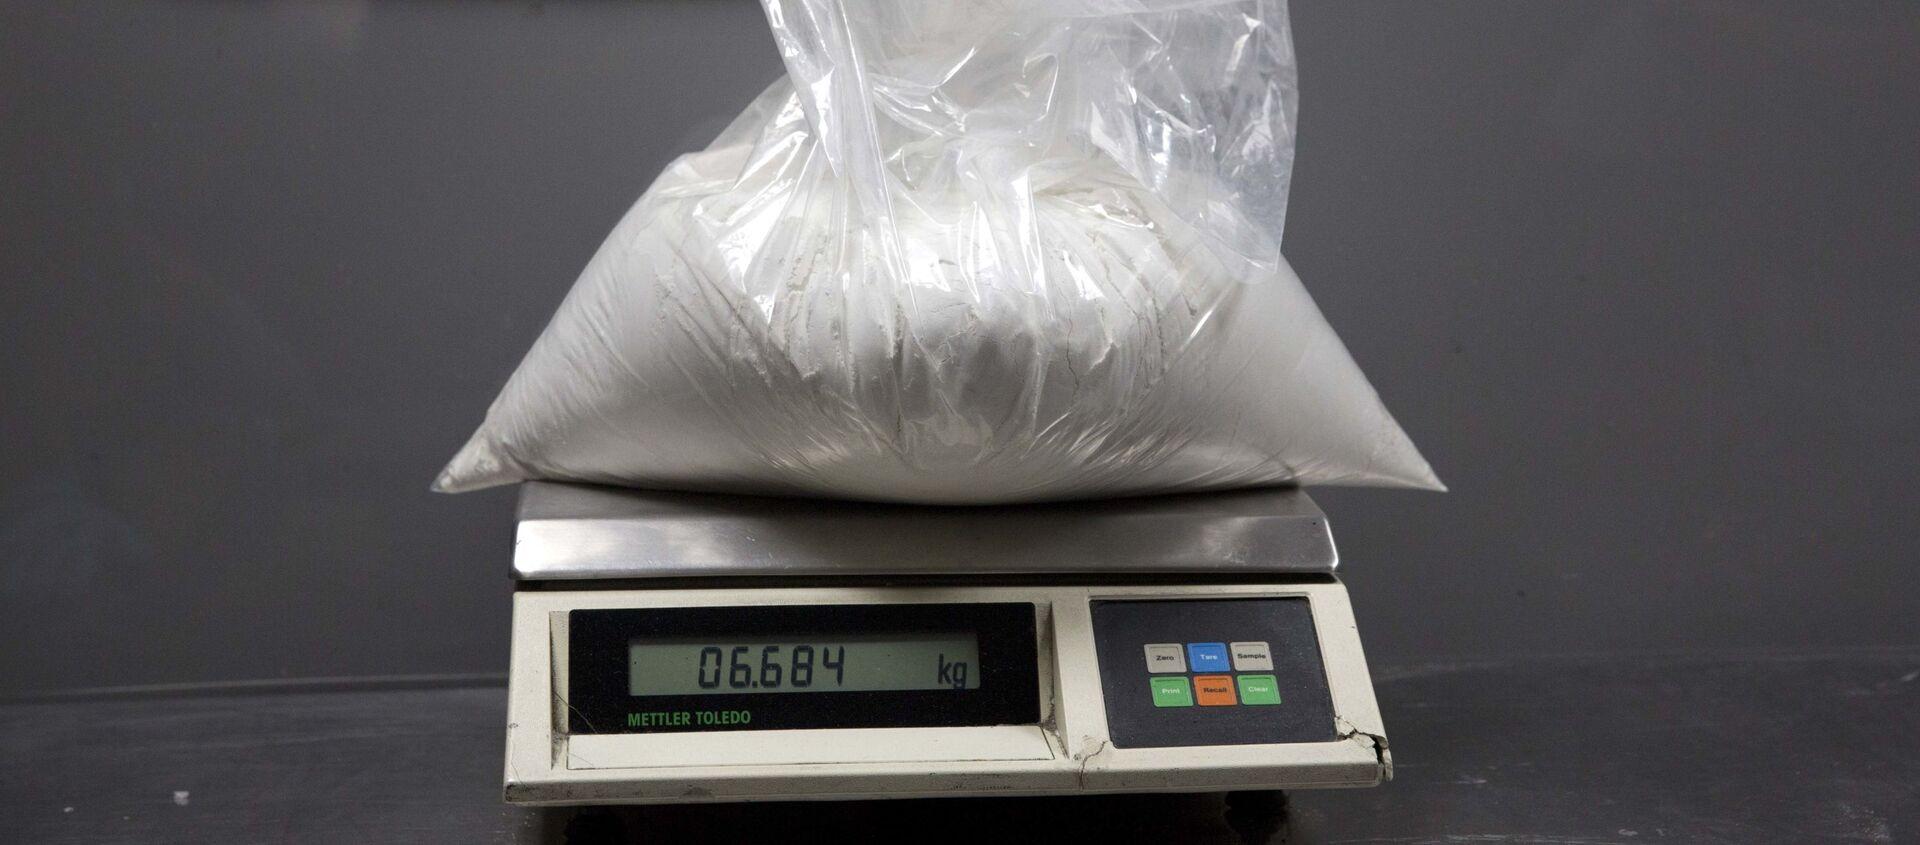 Cảnh sát ma túy bắt giữ một túi cocaine - Sputnik Việt Nam, 1920, 20.02.2021